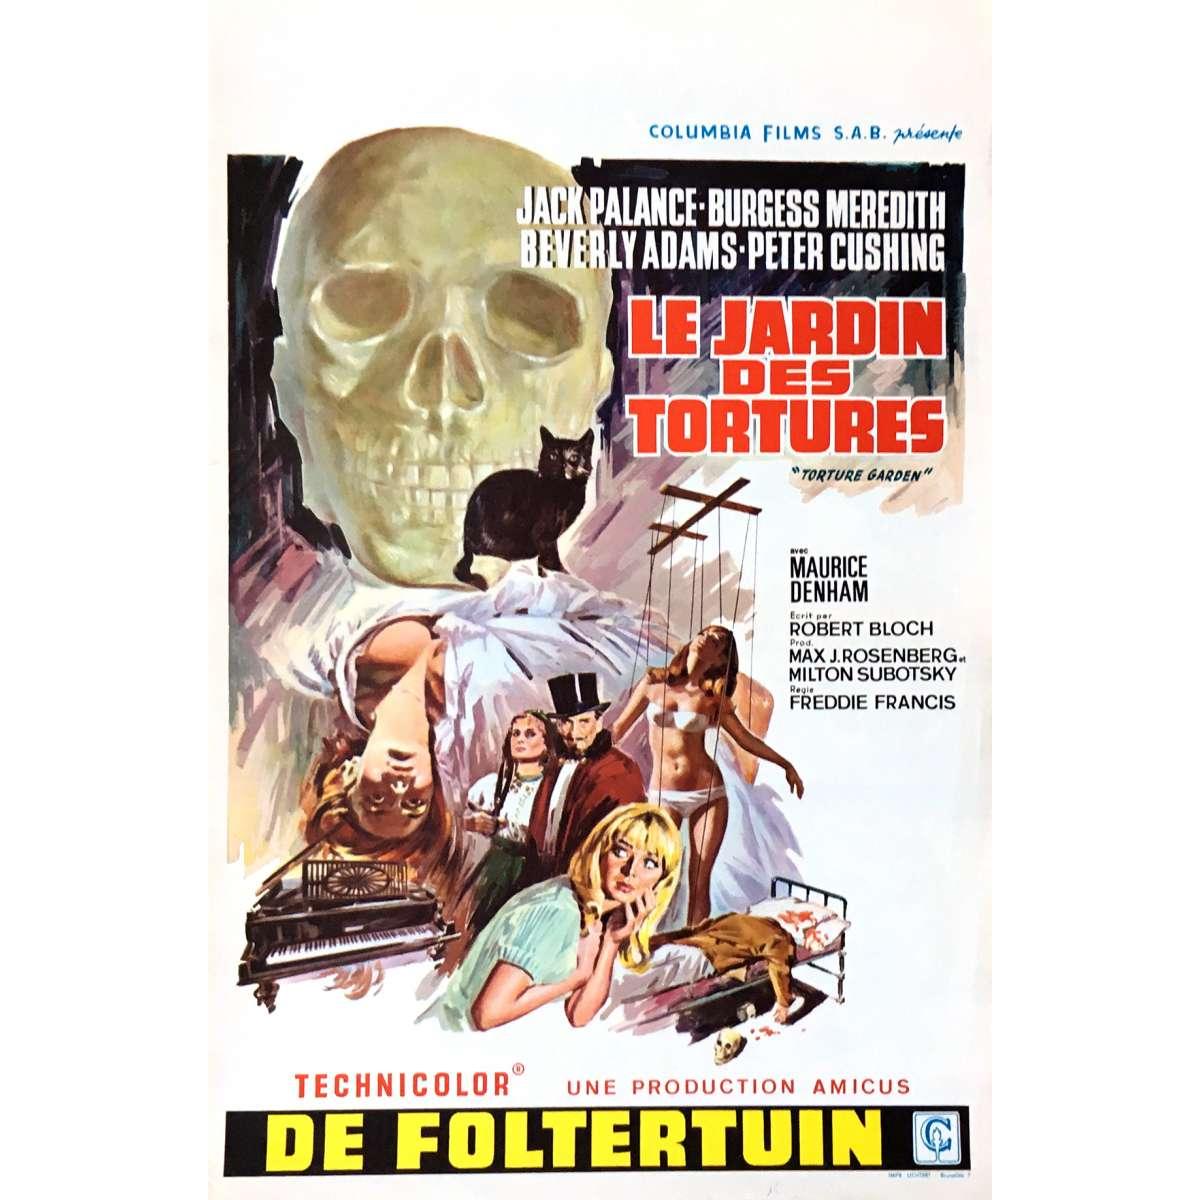 Jack Palance Filmes Ele affiche de le jardin des tortures